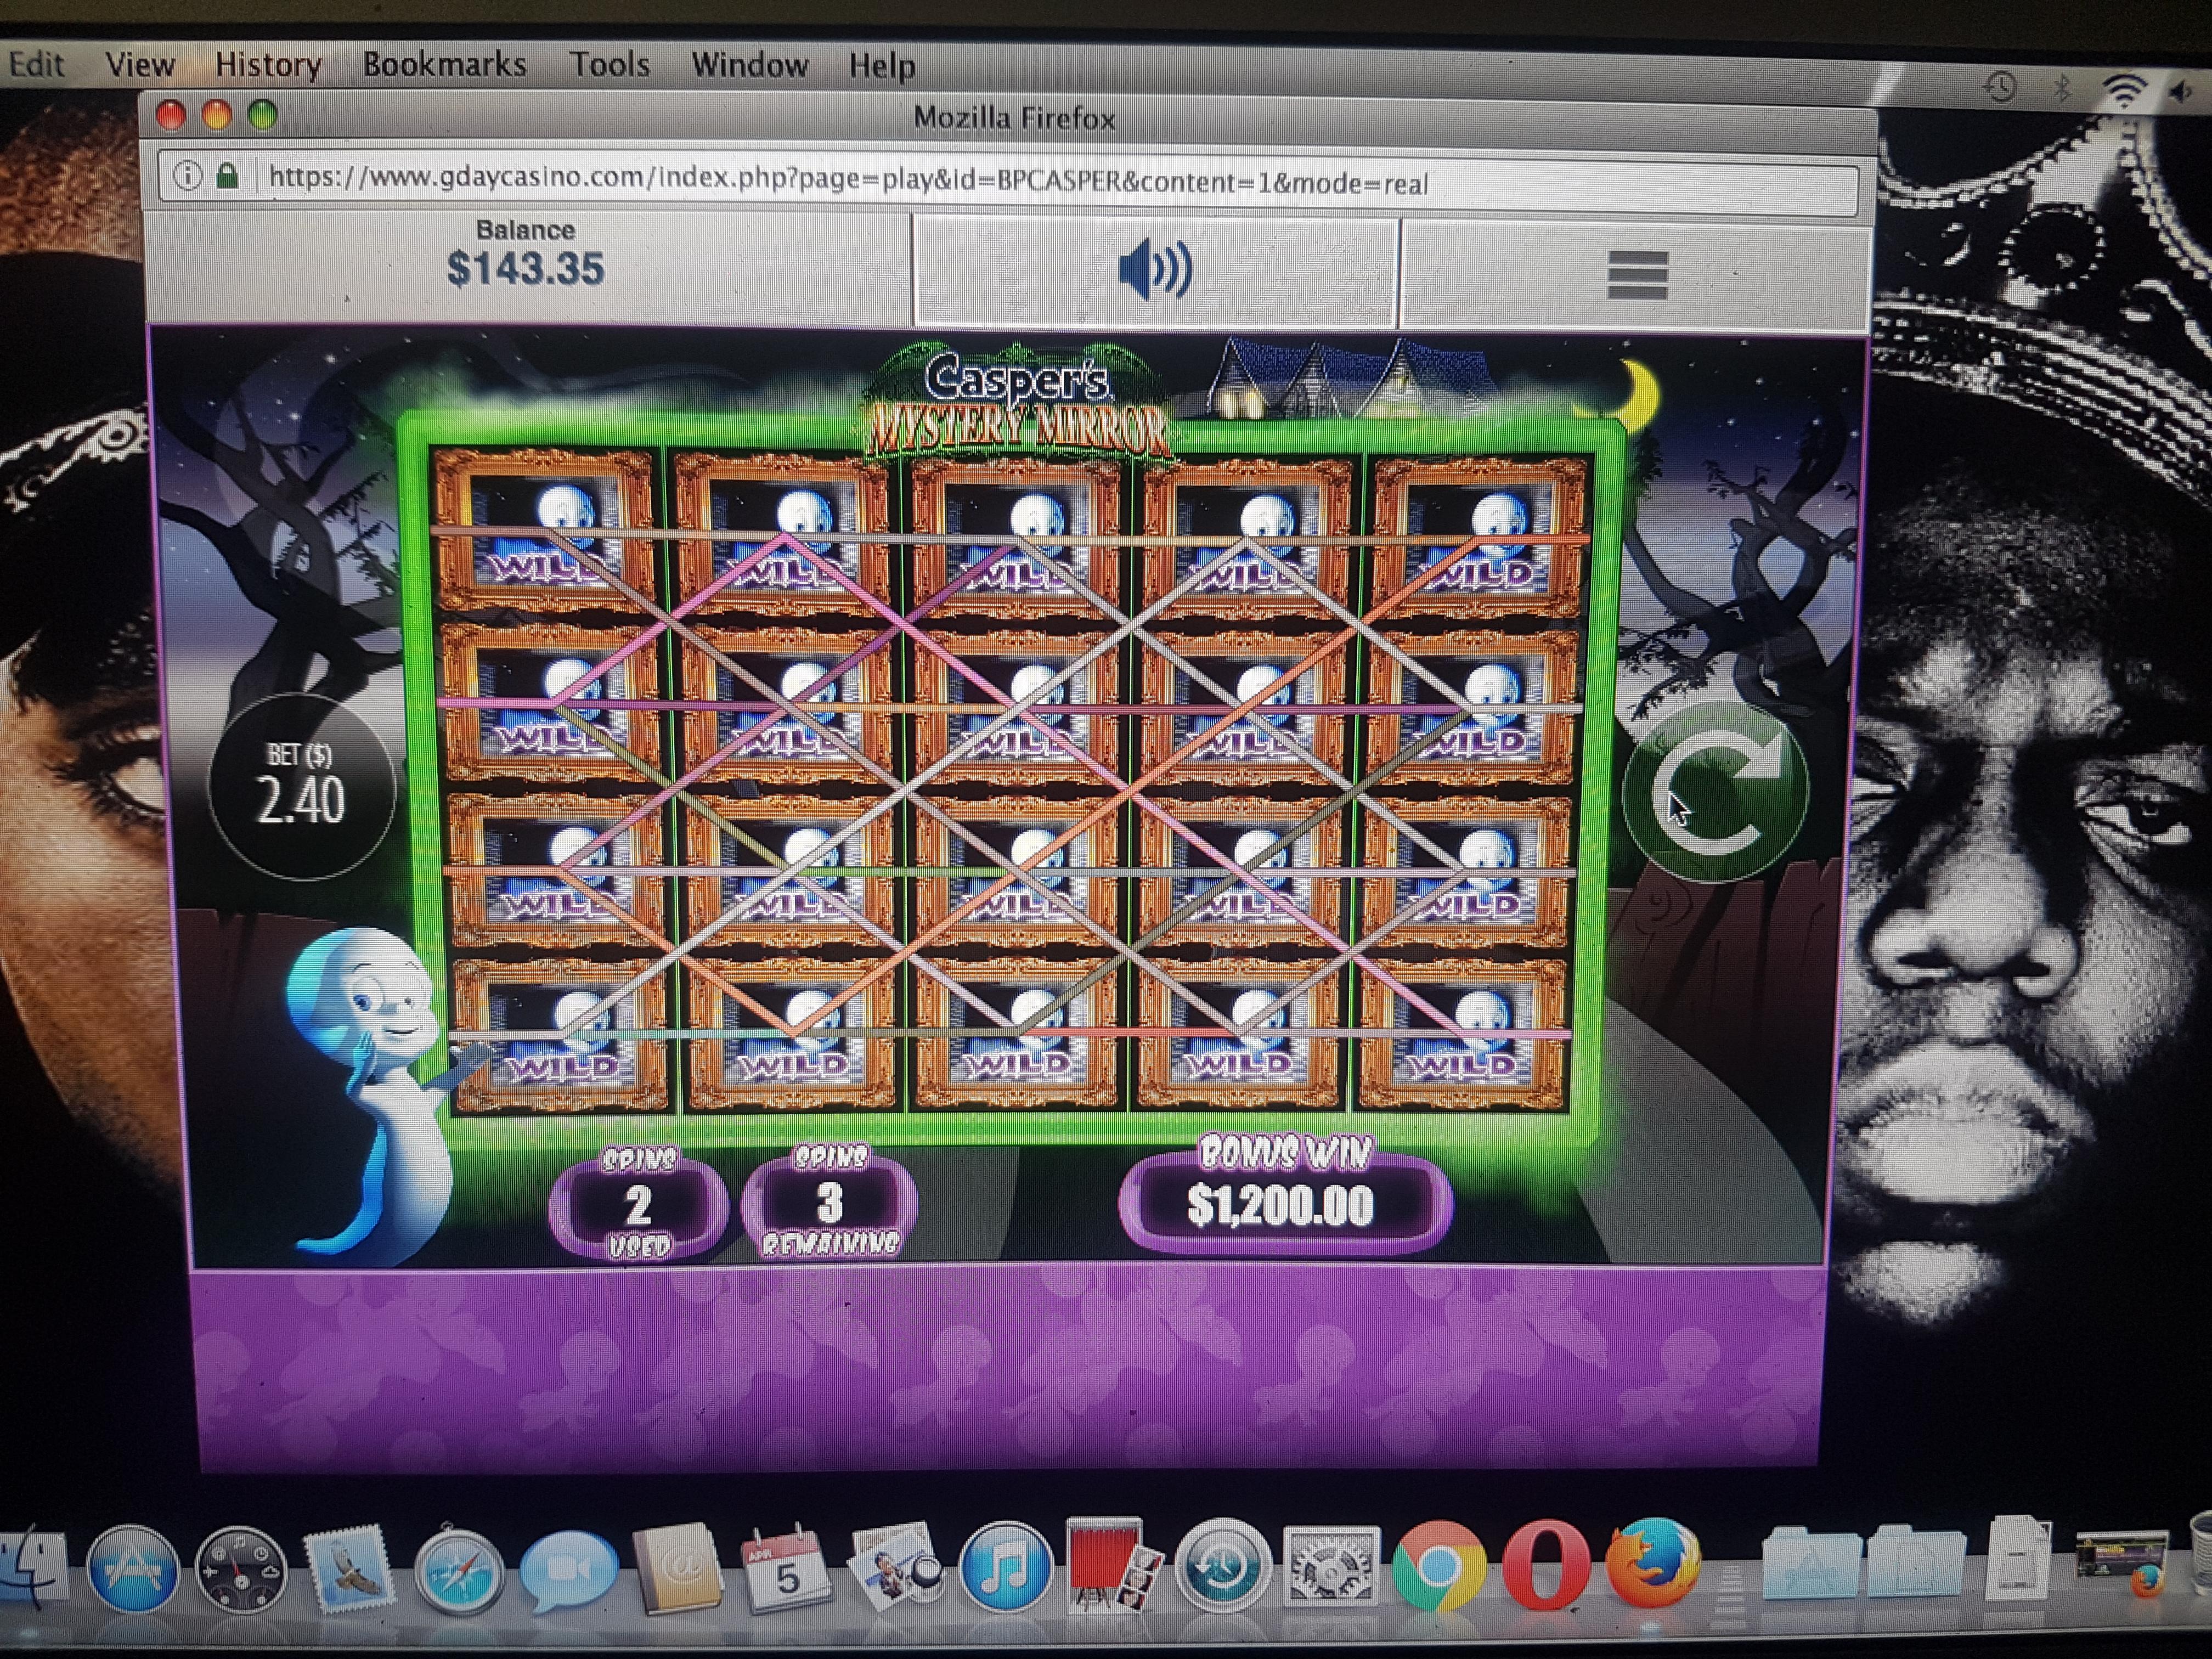 Php forum software 7 5 казино онлайн играть бесплатно зоны россия азартные игры